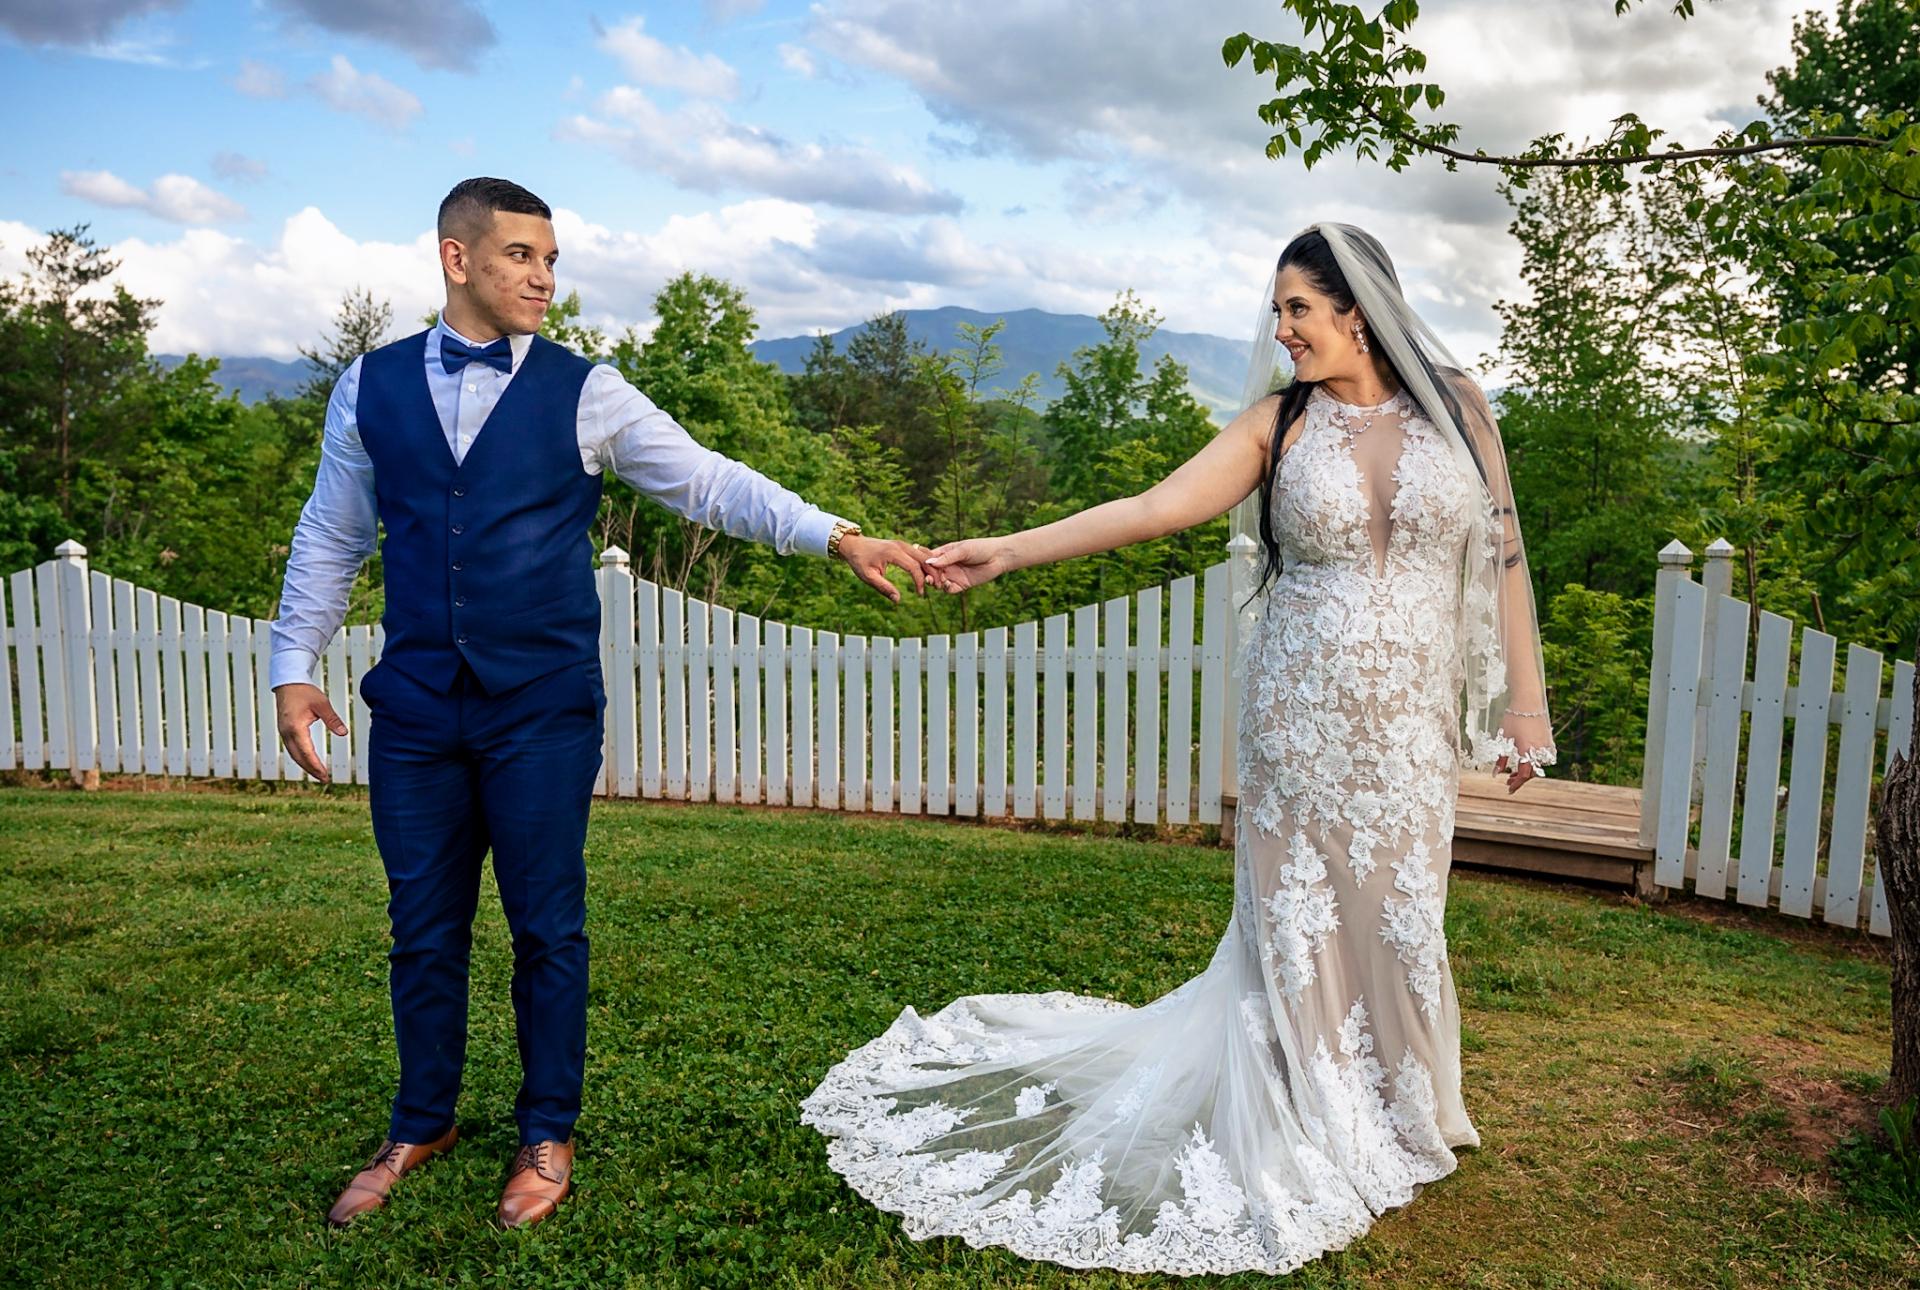 Bodas en el Mountain View Inn de Hippensteal, Gatlinburg | Los recién casados se dan la mano durante una sesión de retratos